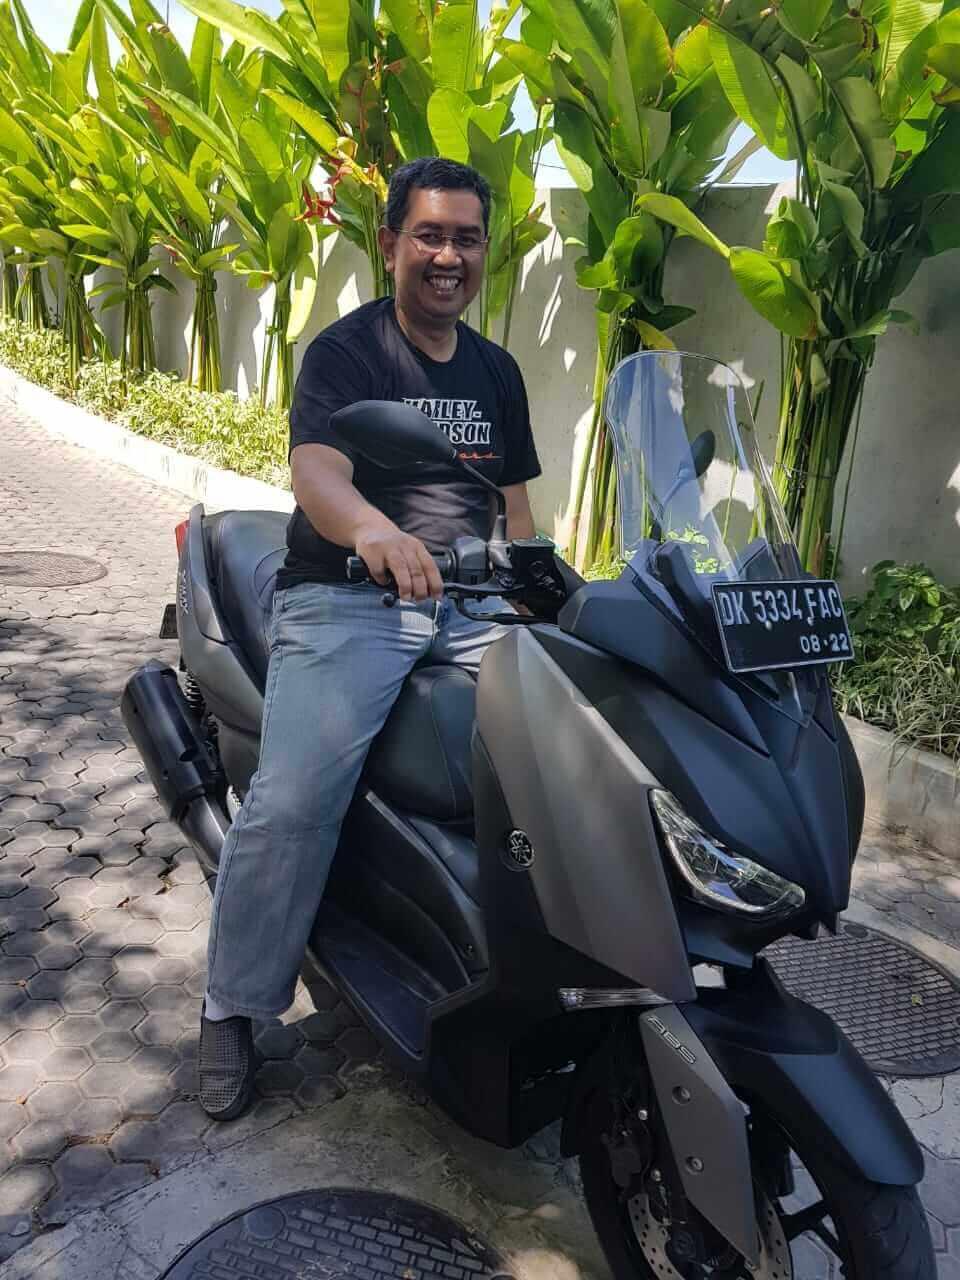 Sewa motor di Legian Kuta Bali